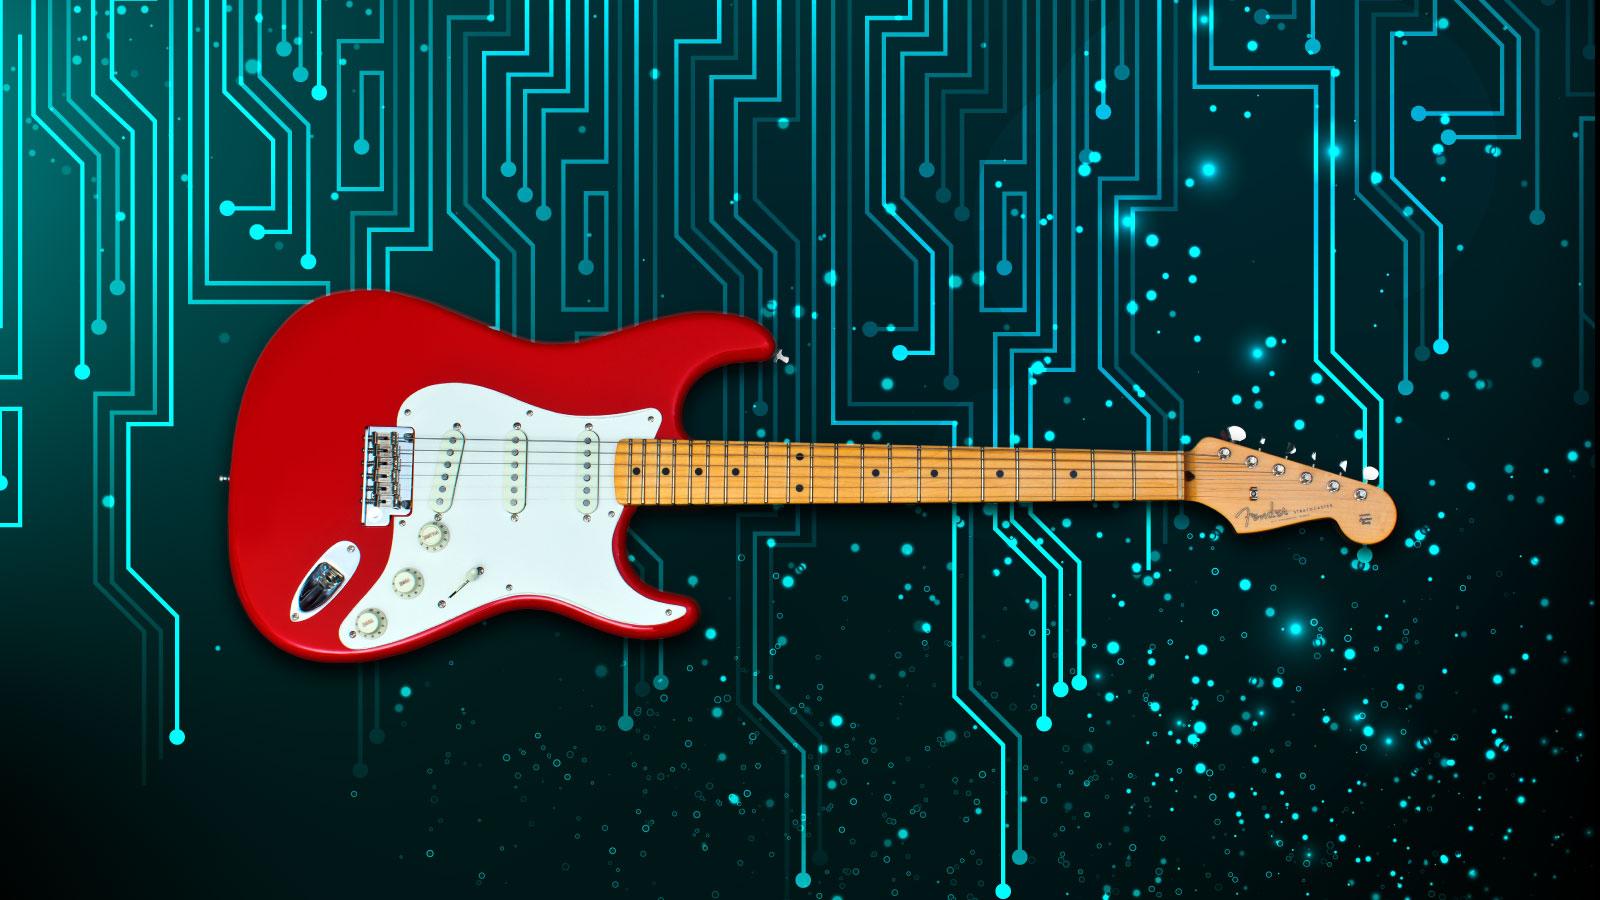 fender goes digital so you don t quit guitar techcrunch. Black Bedroom Furniture Sets. Home Design Ideas